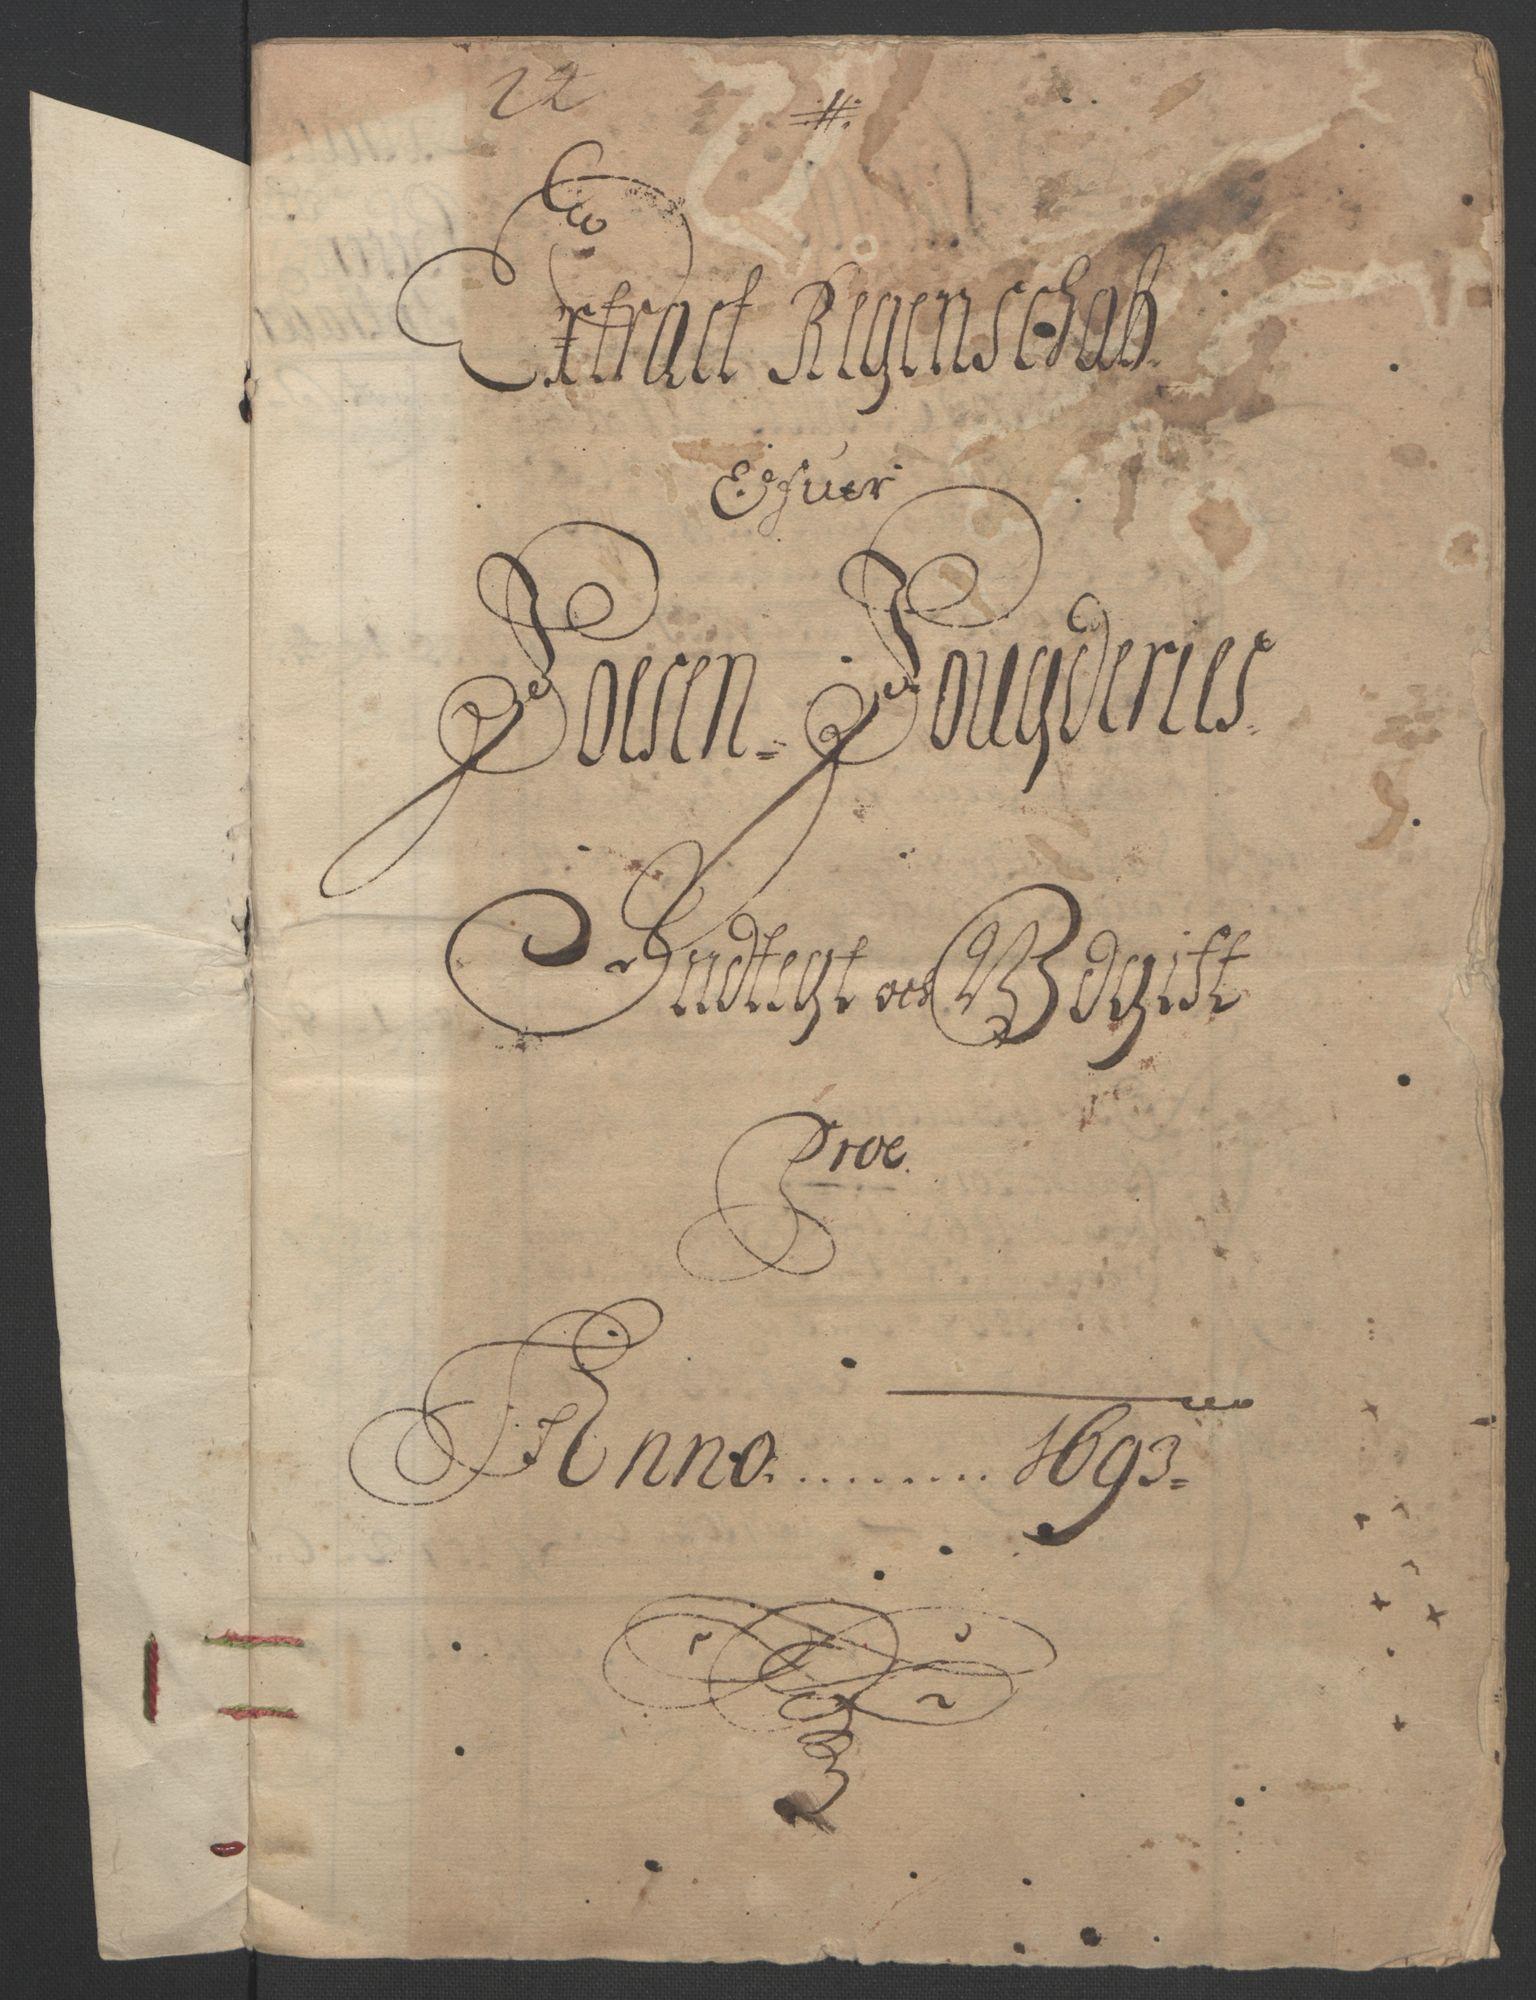 RA, Rentekammeret inntil 1814, Reviderte regnskaper, Fogderegnskap, R57/L3849: Fogderegnskap Fosen, 1692-1693, s. 372